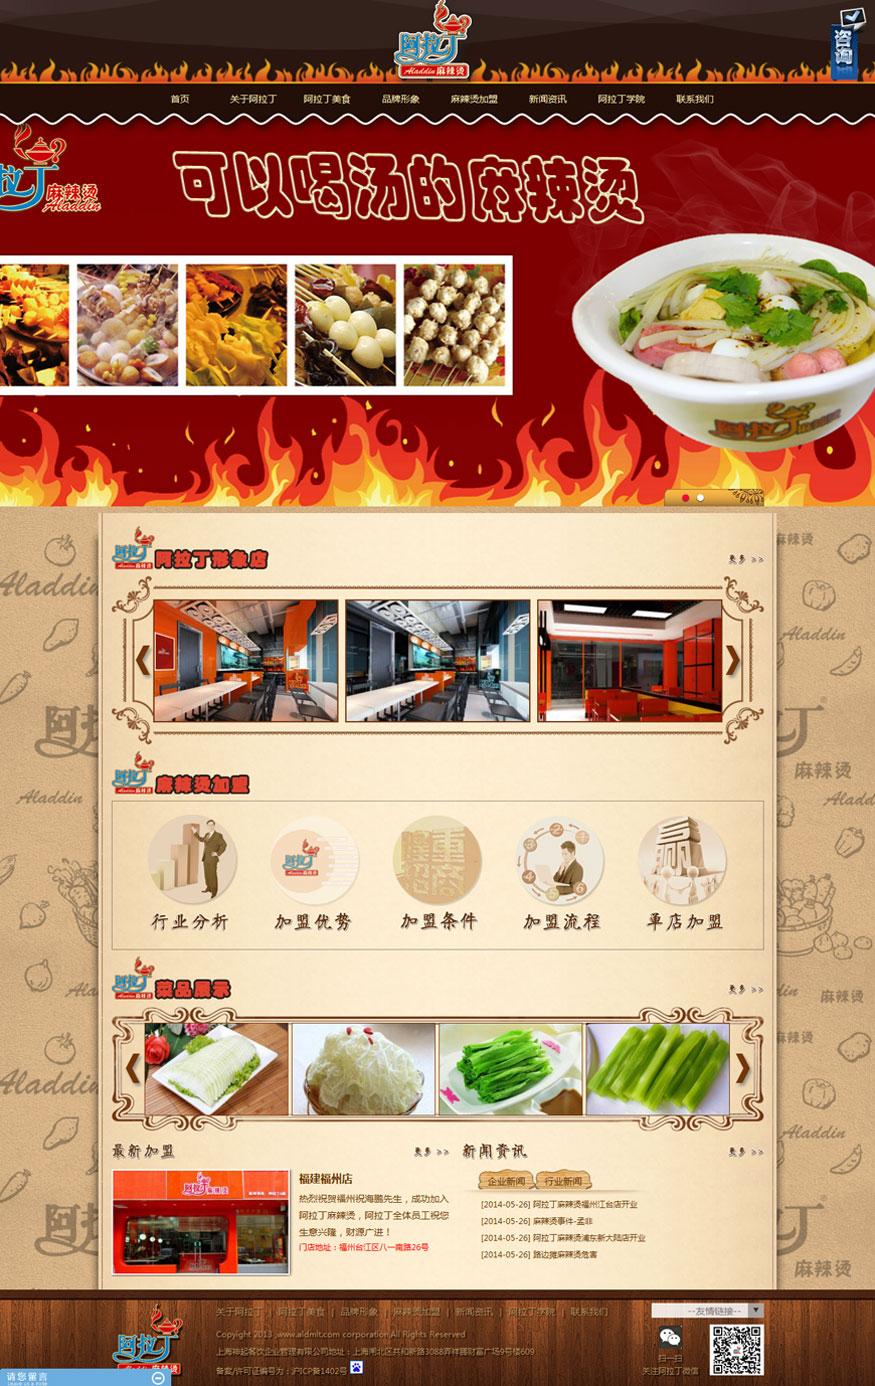 美食小吃网页排版设计